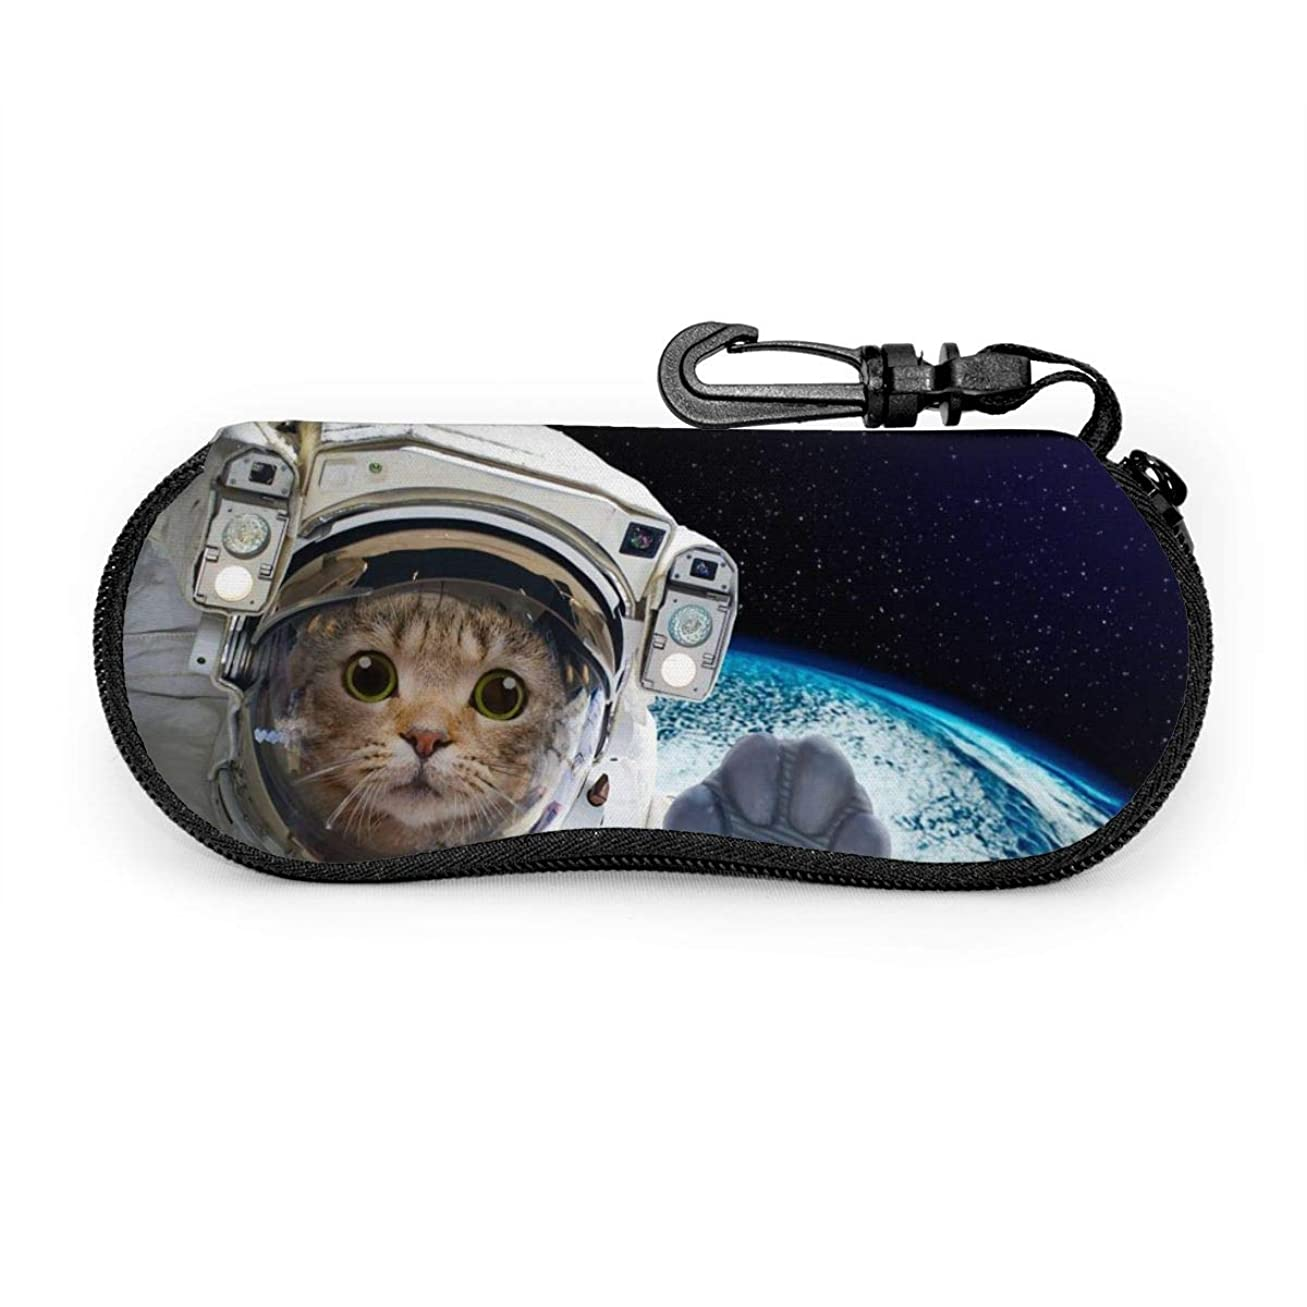 実質的安らぎ名誉ある宇宙 猫 メガネケース メガネポーチ 擦り傷防止 ファスナー式 フック付き サングラスケース かわいい 眼鏡入れ 筆箱 眼鏡ケース めがねケース 化粧バッグ おしゃれ